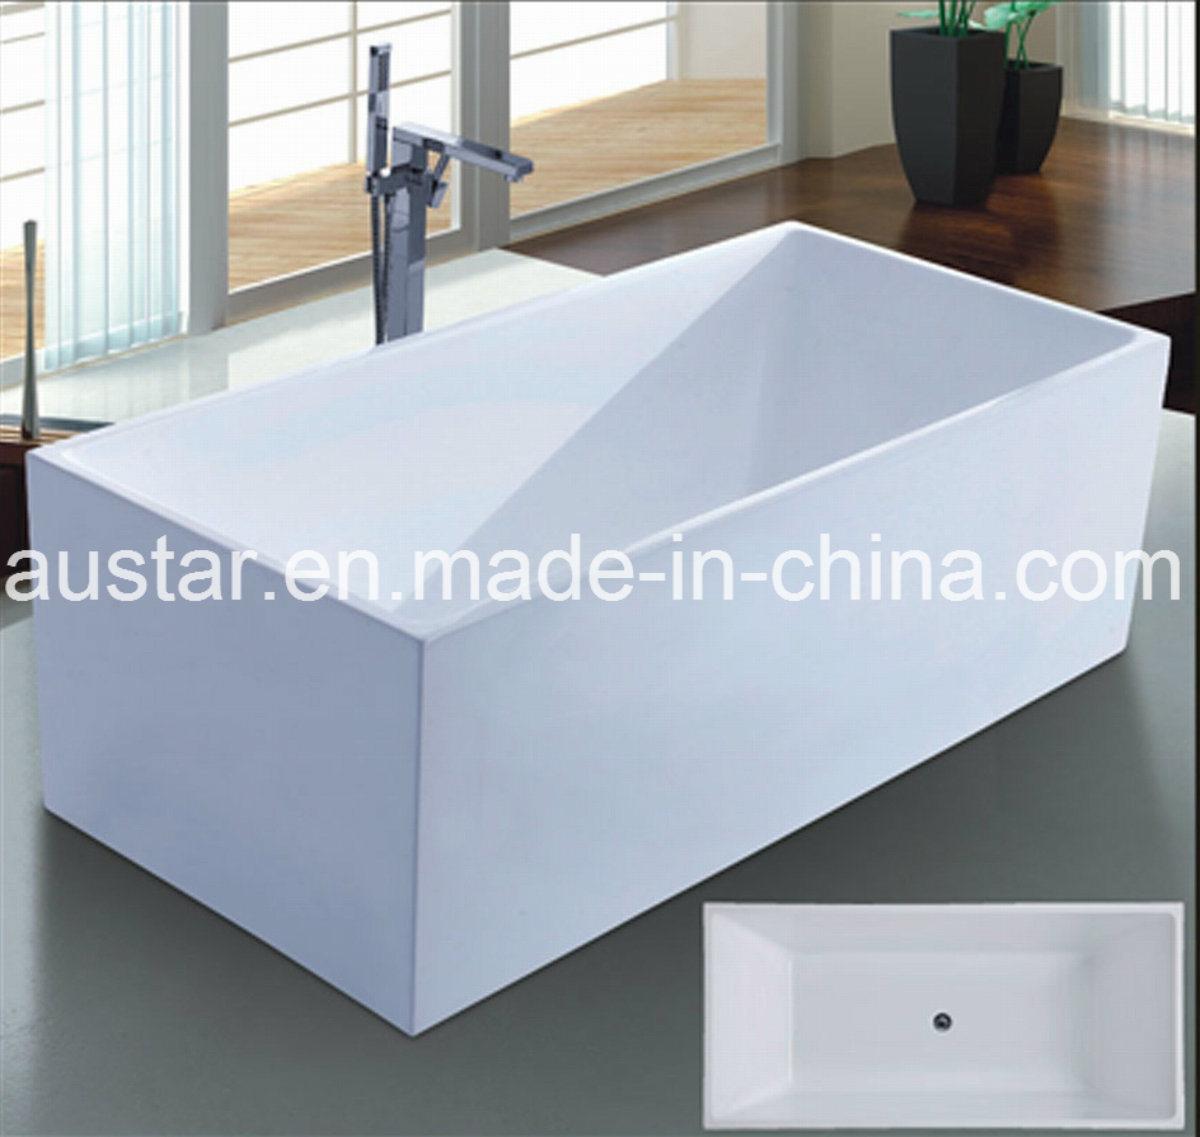 1700mm Right Angle Square Freestanding Bathtub SPA for Villa (AT-6708)